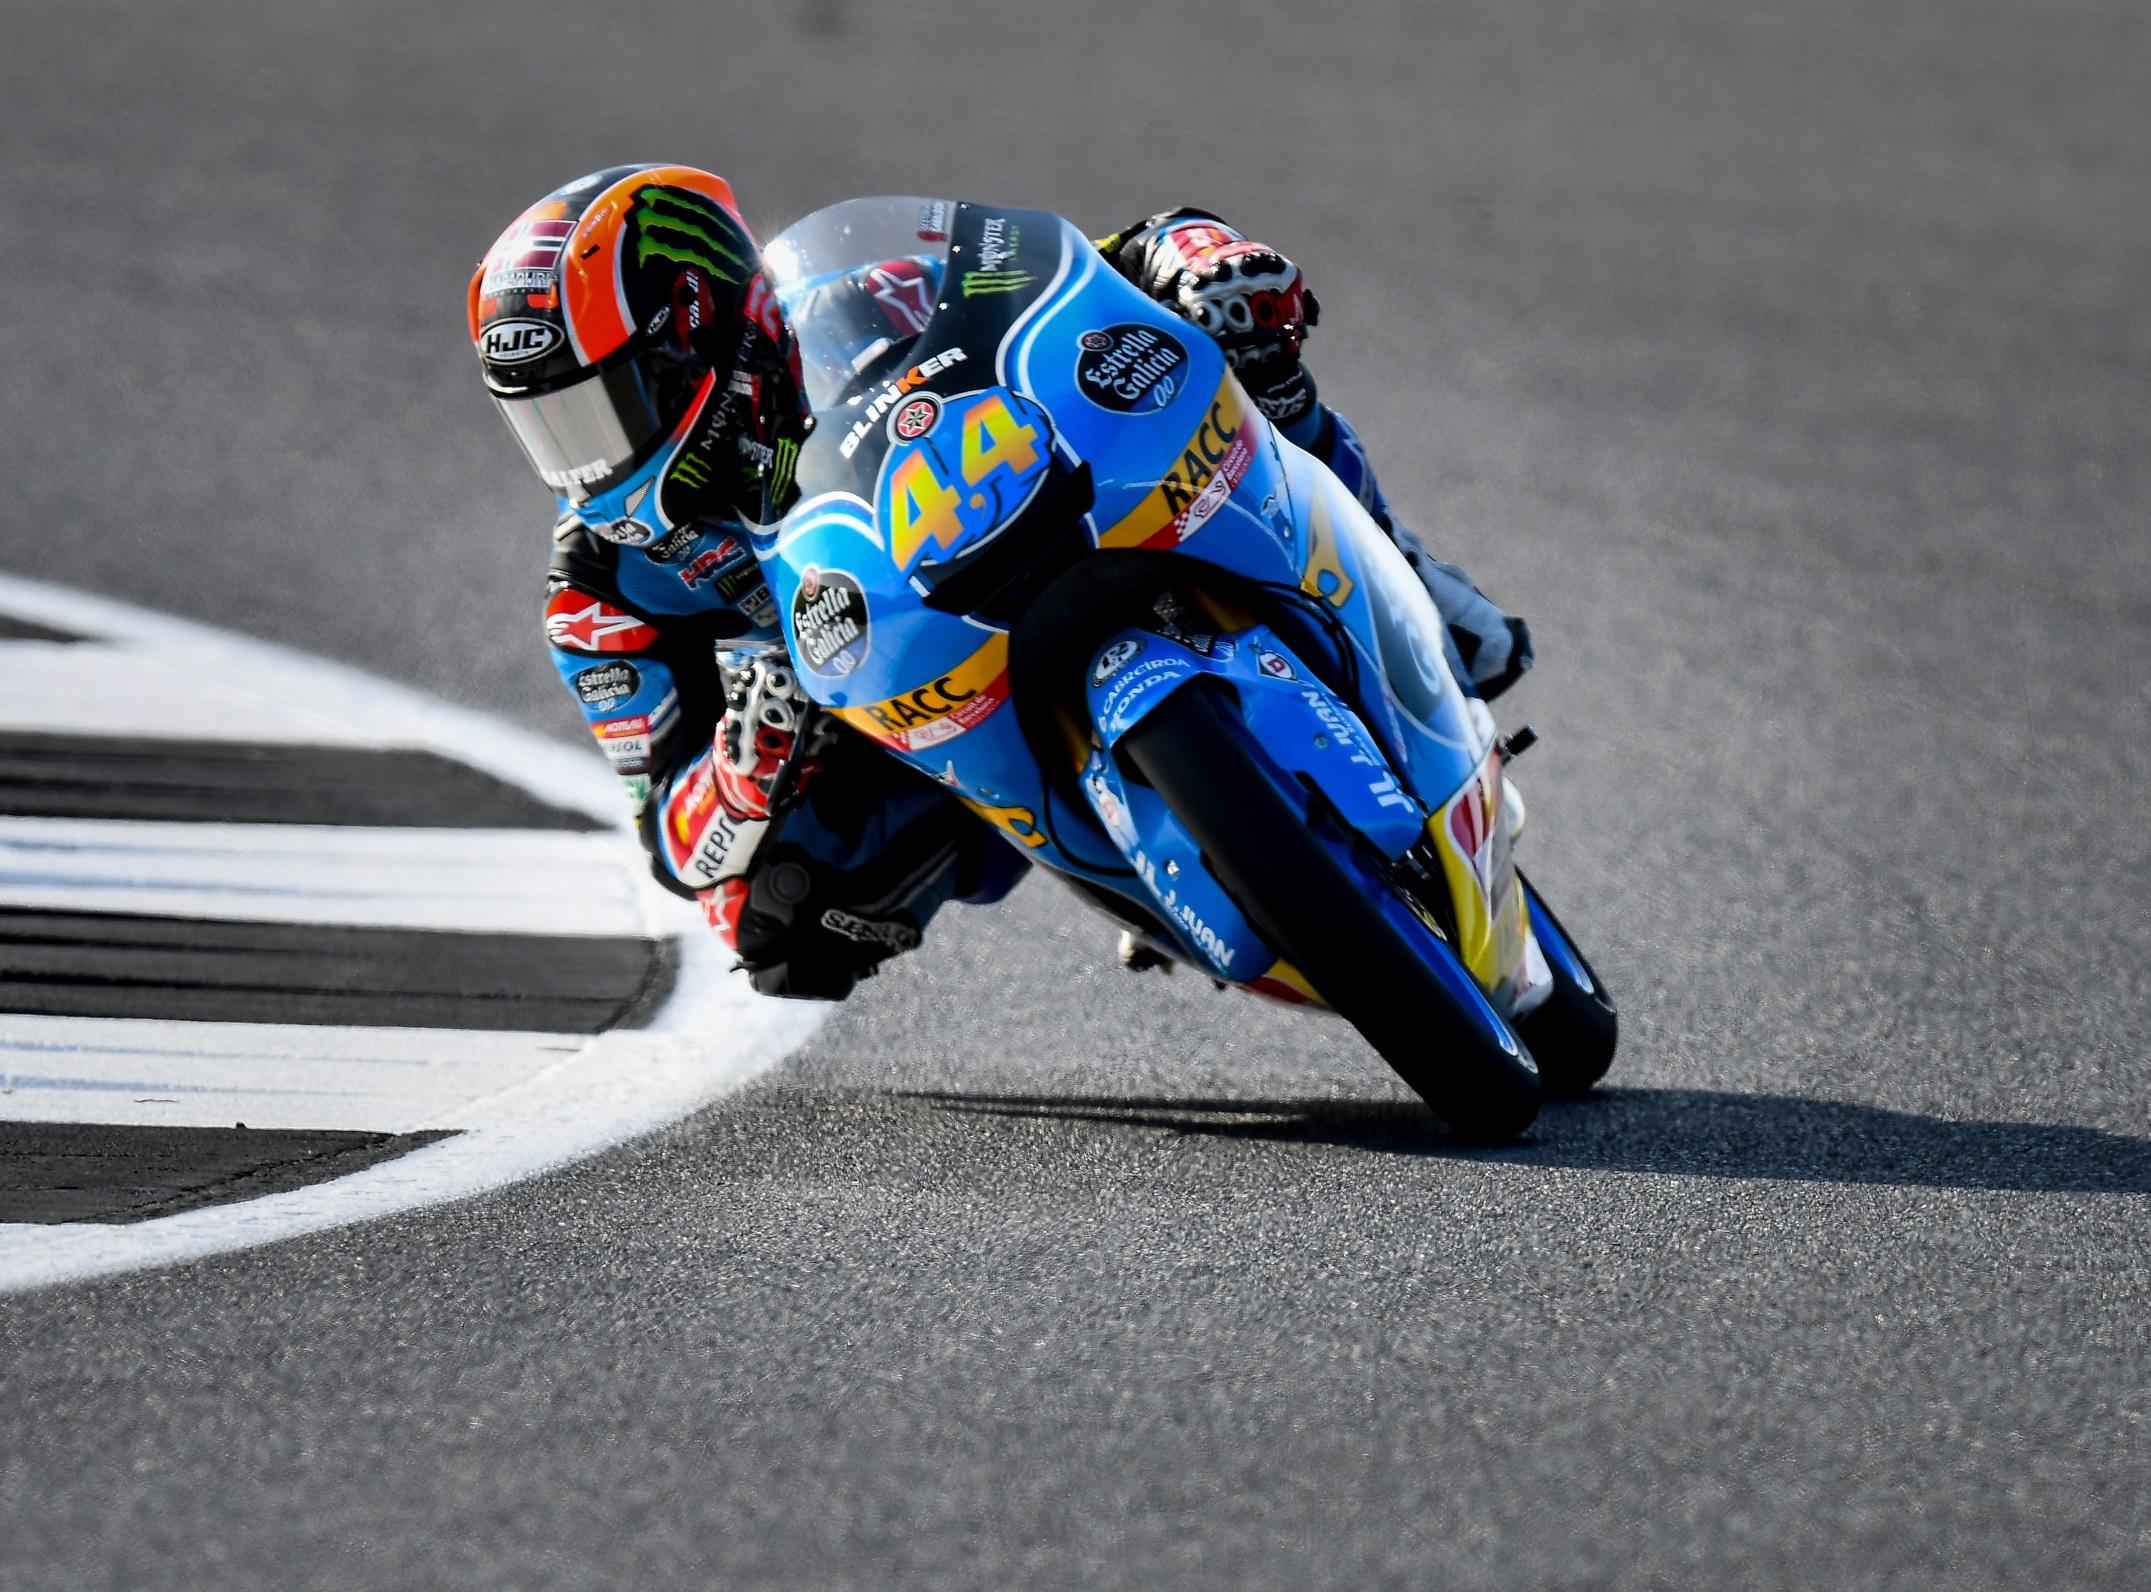 Canet gana tras bandera roja con Bastianini y Martín en el podio